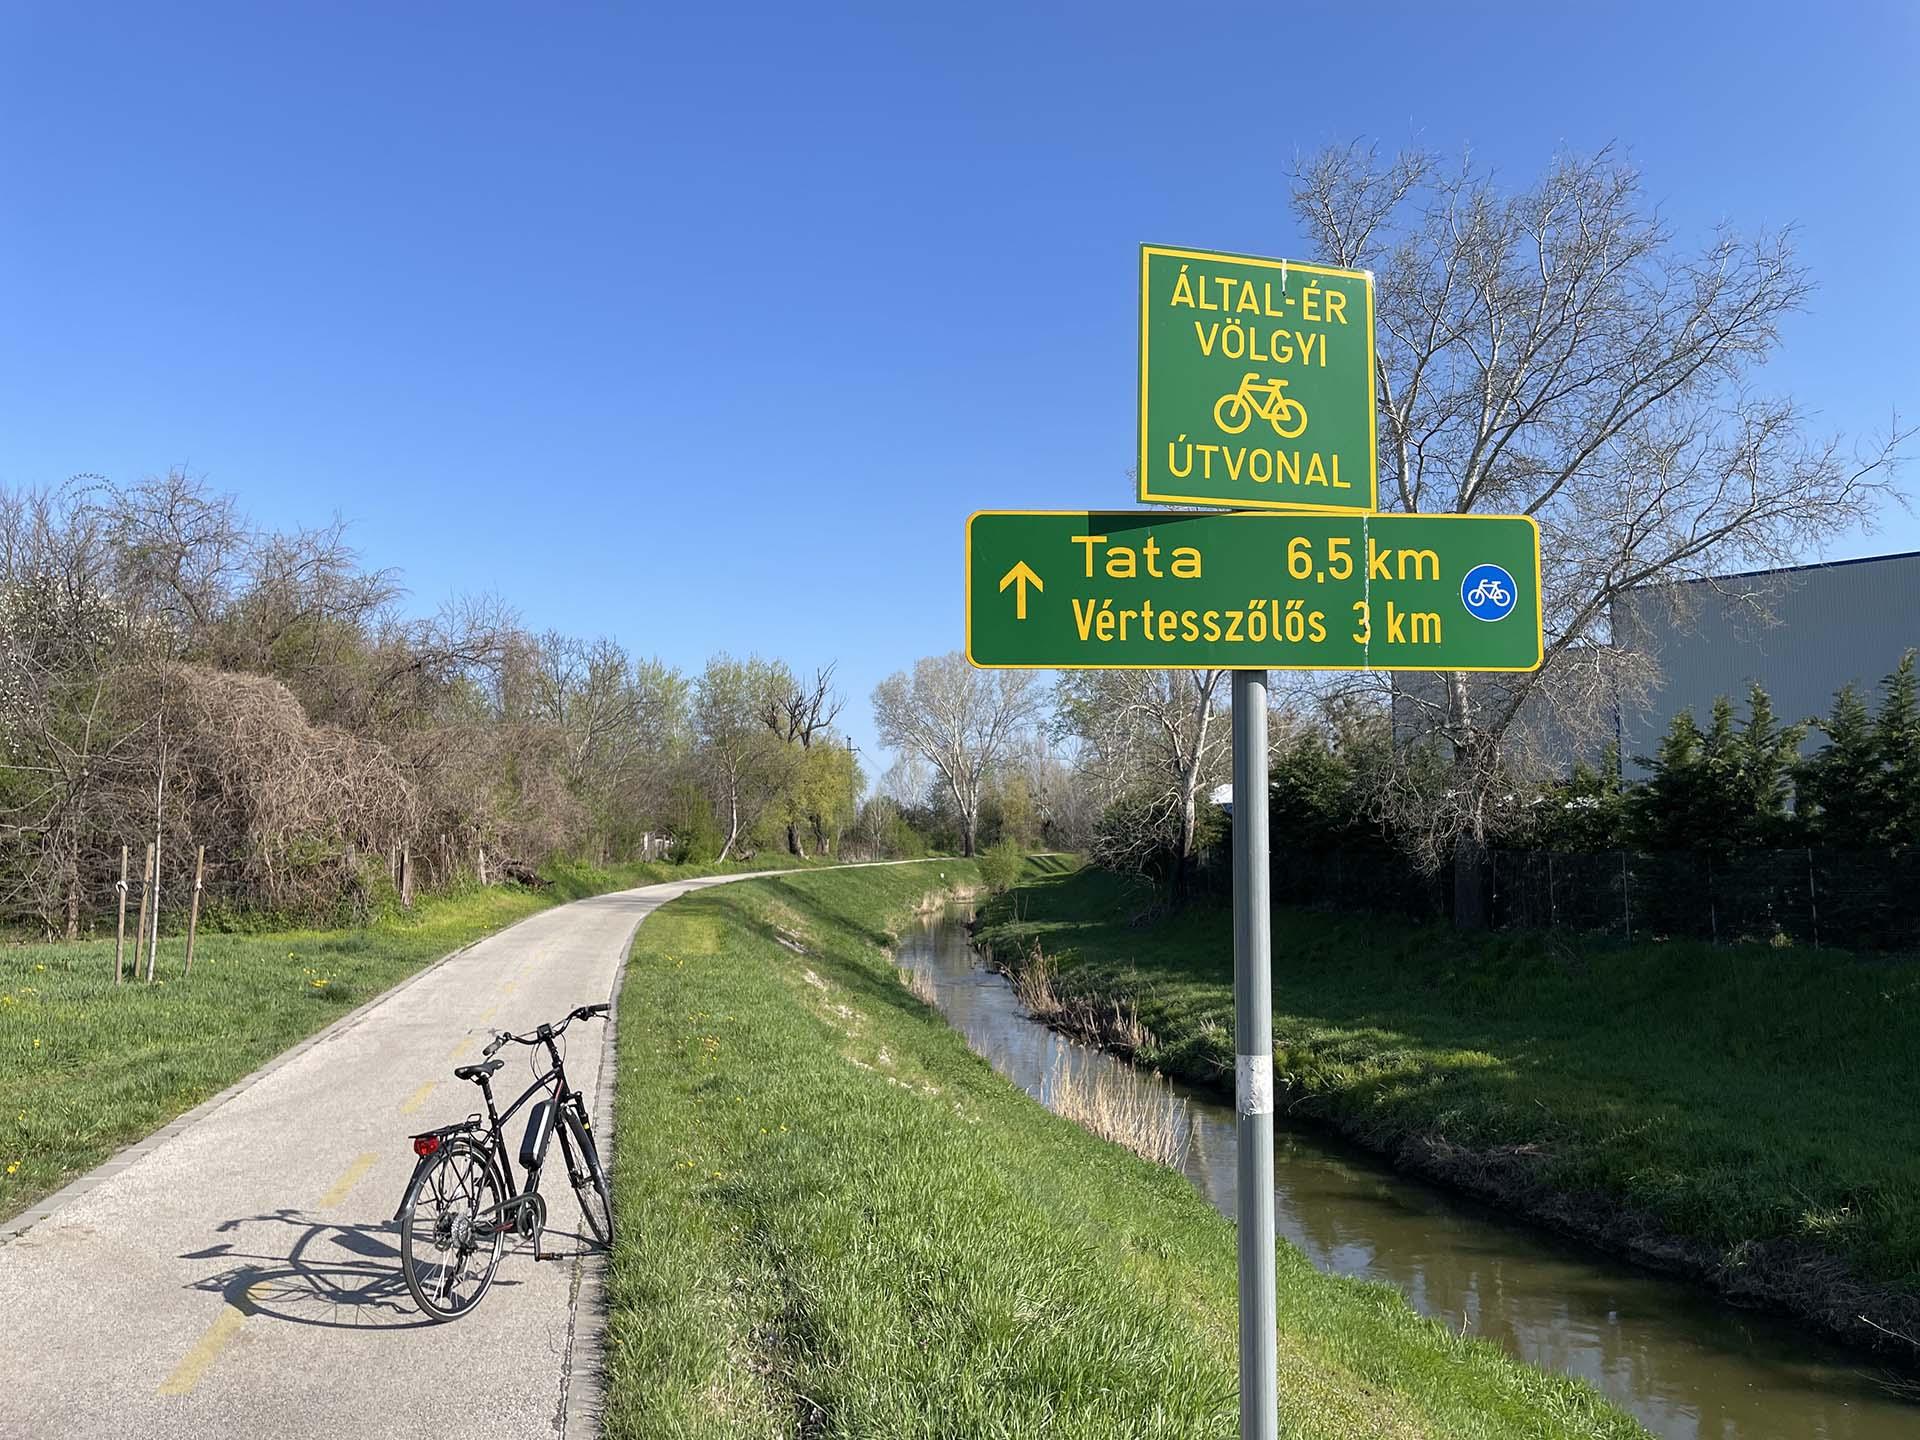 Tatabánya-Tata kerékpárral, az Által-ér menti kerékpárúton-2